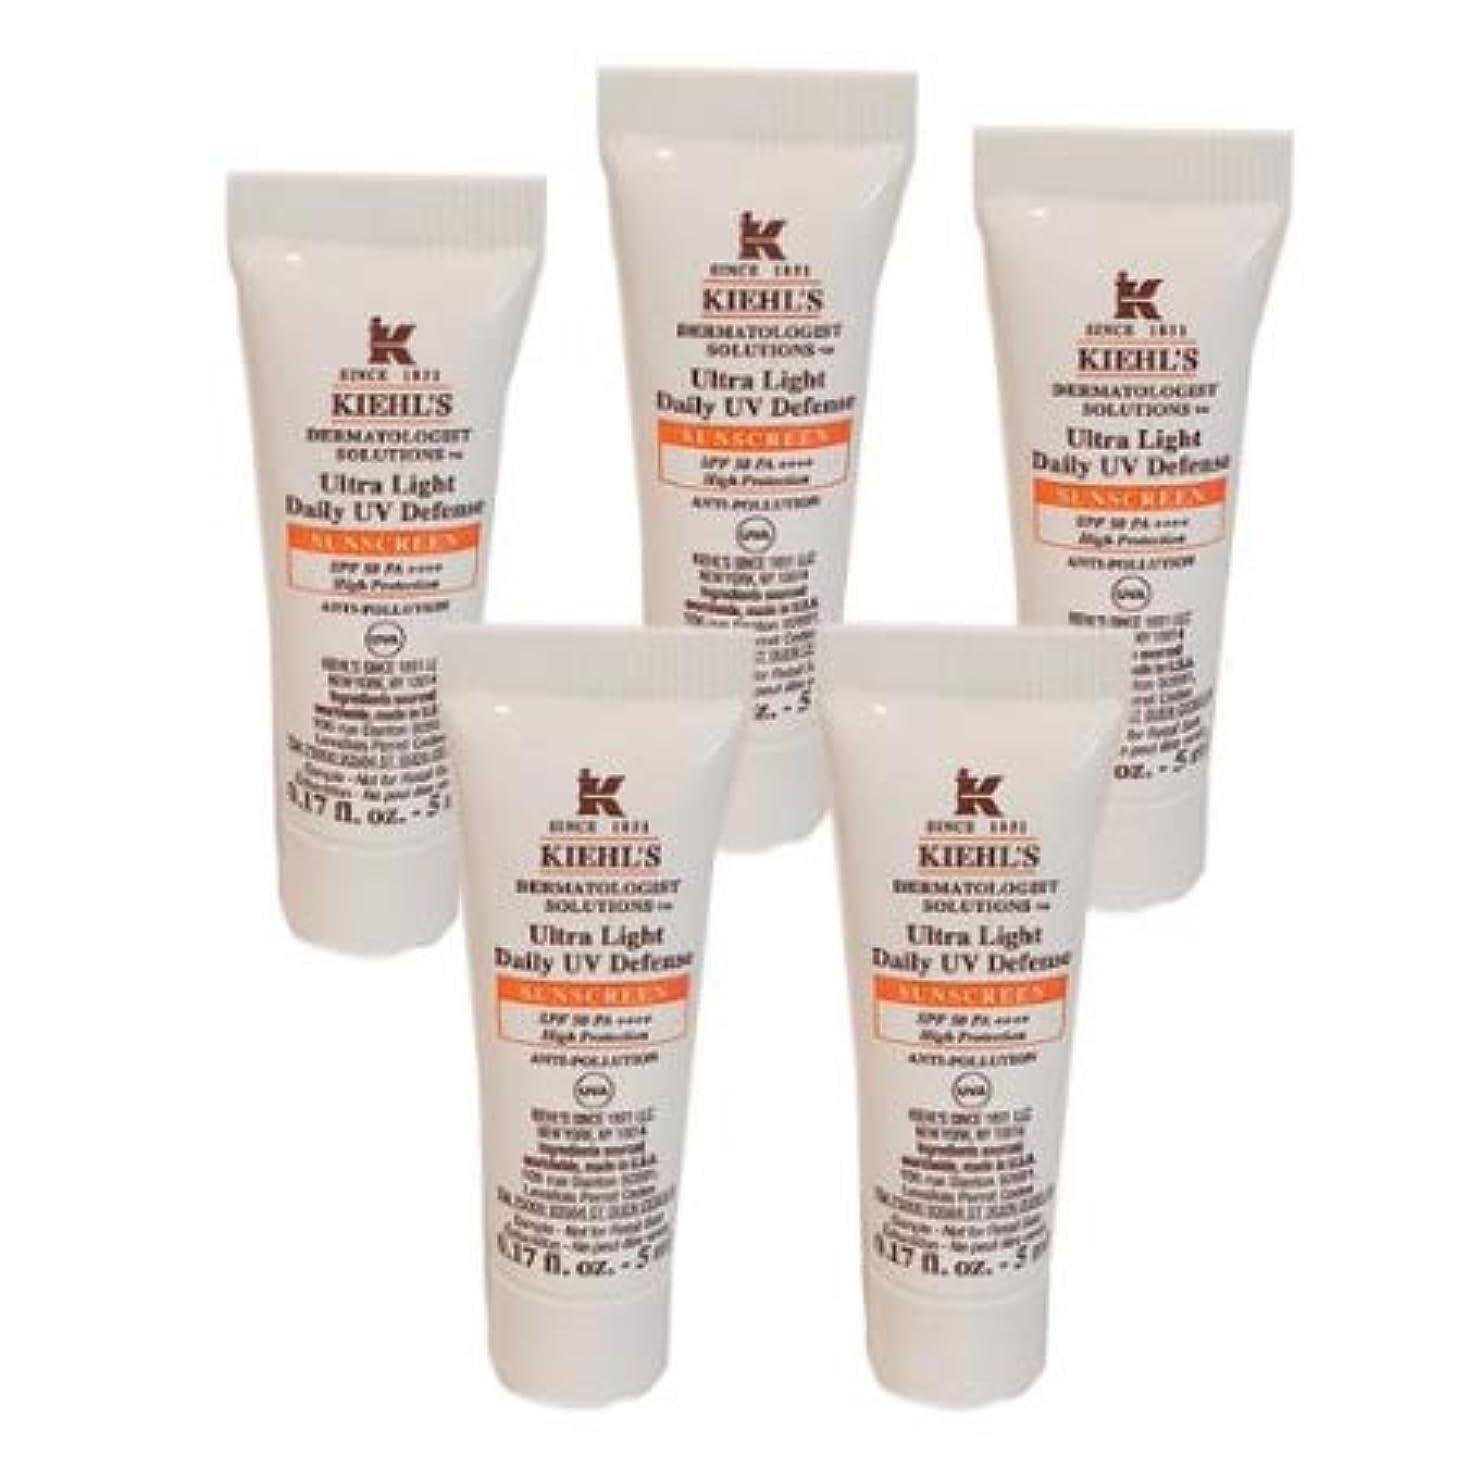 想定する独立十分ではないKiehl's(キールズ) キールズ UVディフェンス (5ml x 5個) / KIEHL'S Ultra Light Daily UV Defense Sunscreen SPF 50 PA++++